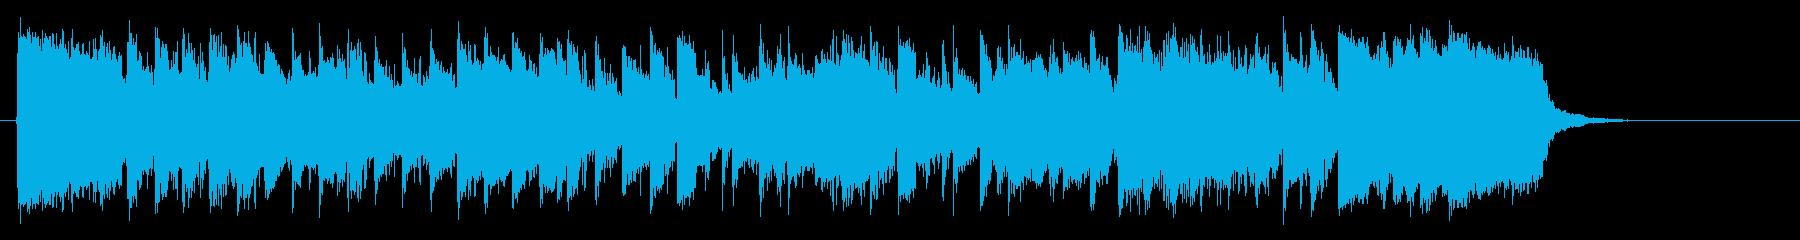 明るくアップテンポでポップな短い曲の再生済みの波形